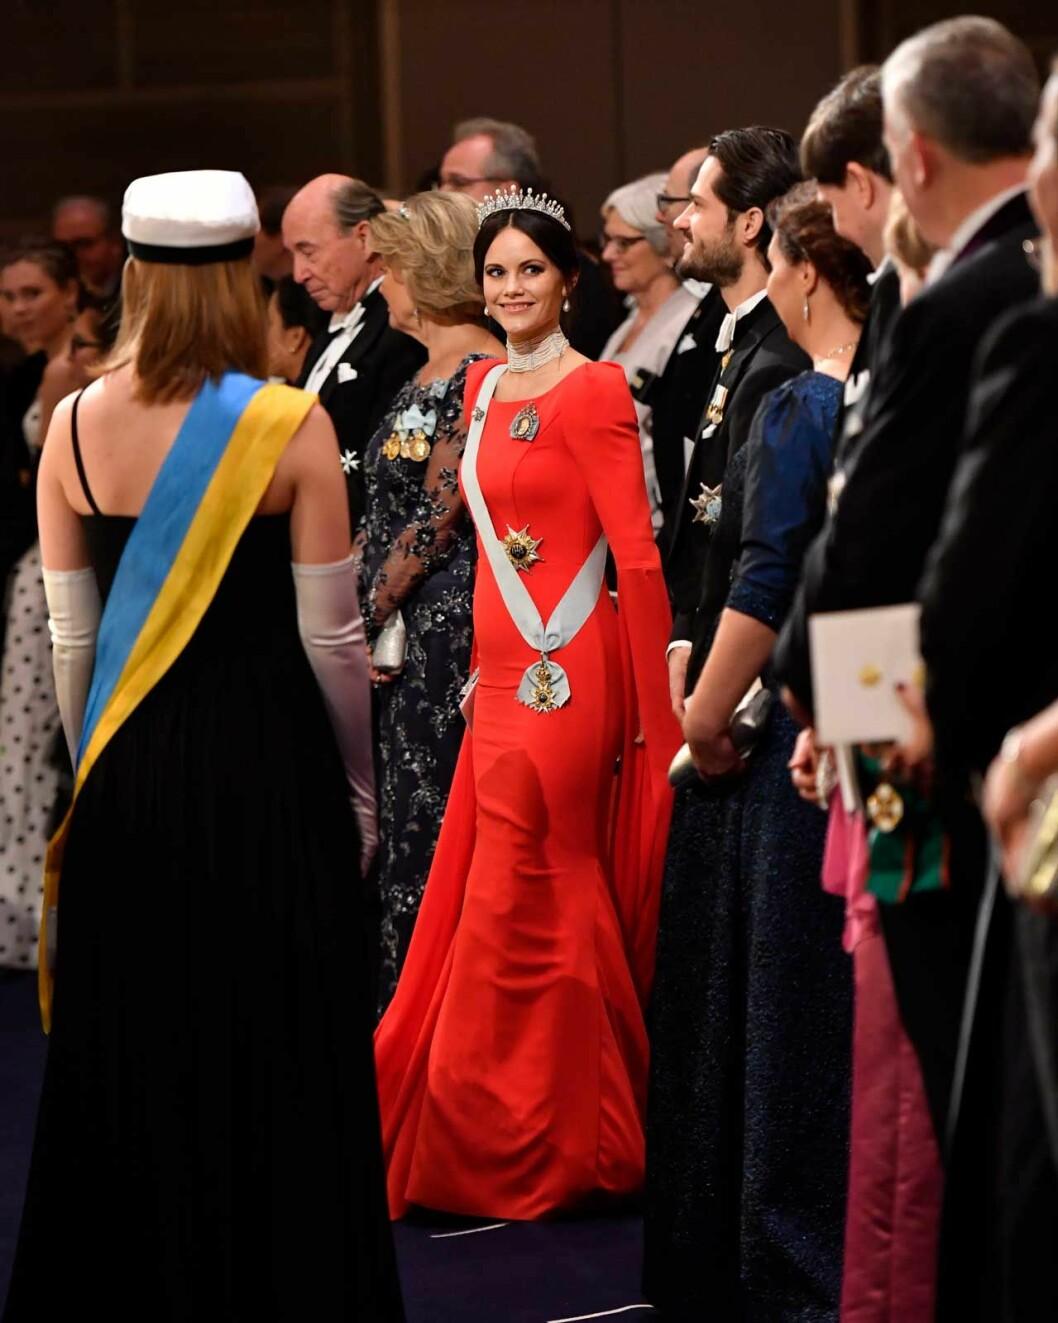 Prinsessan Sofia i röd klänning under Nobel